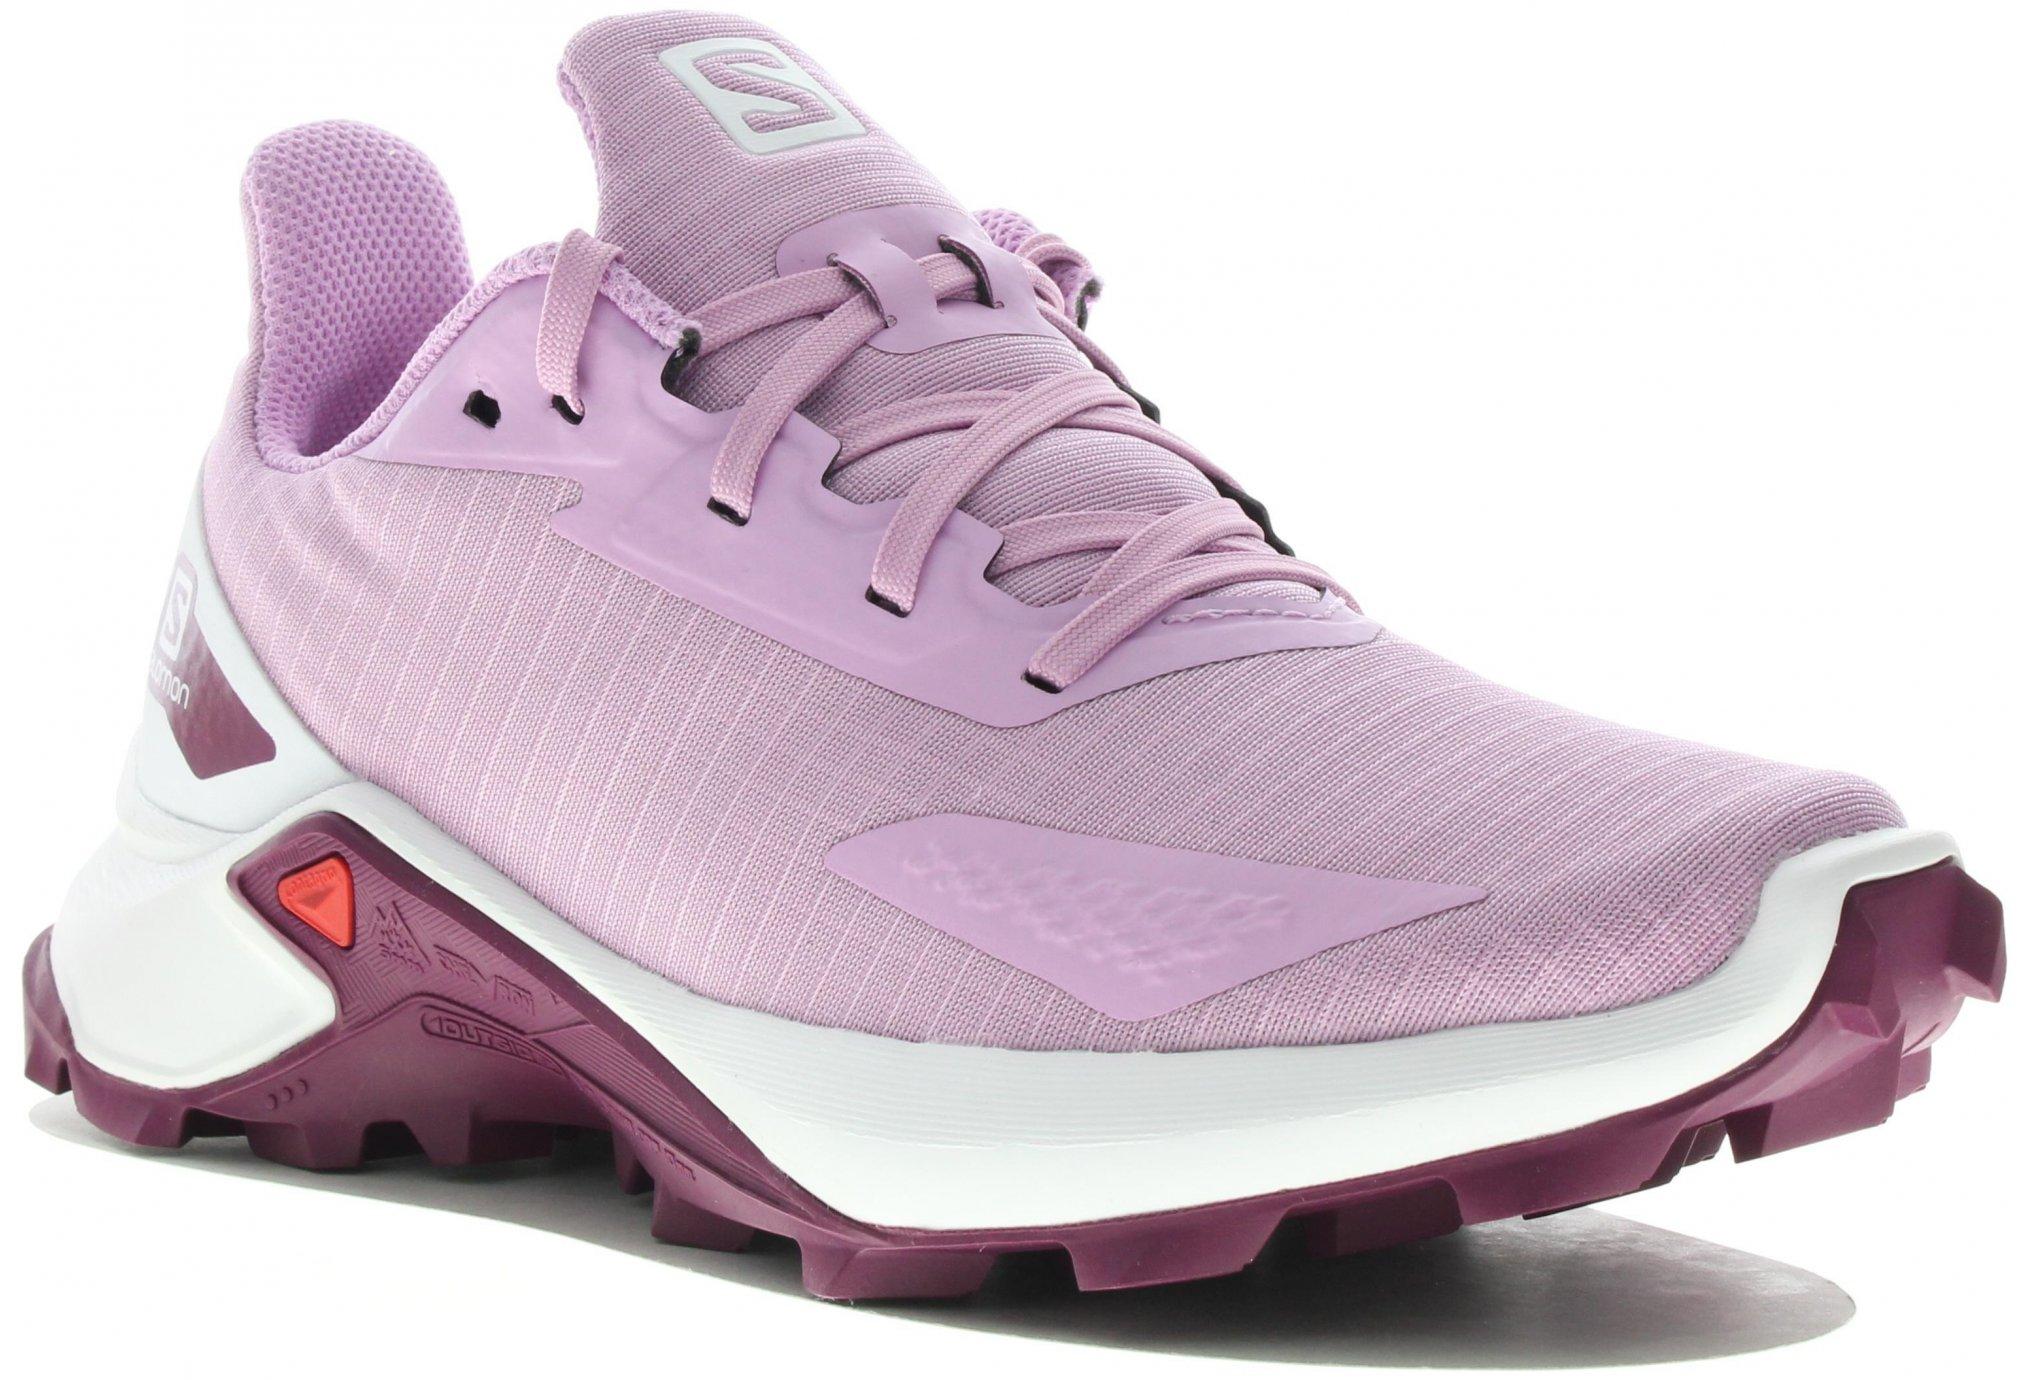 Salomon Alphacross Blast Fille Chaussures running femme